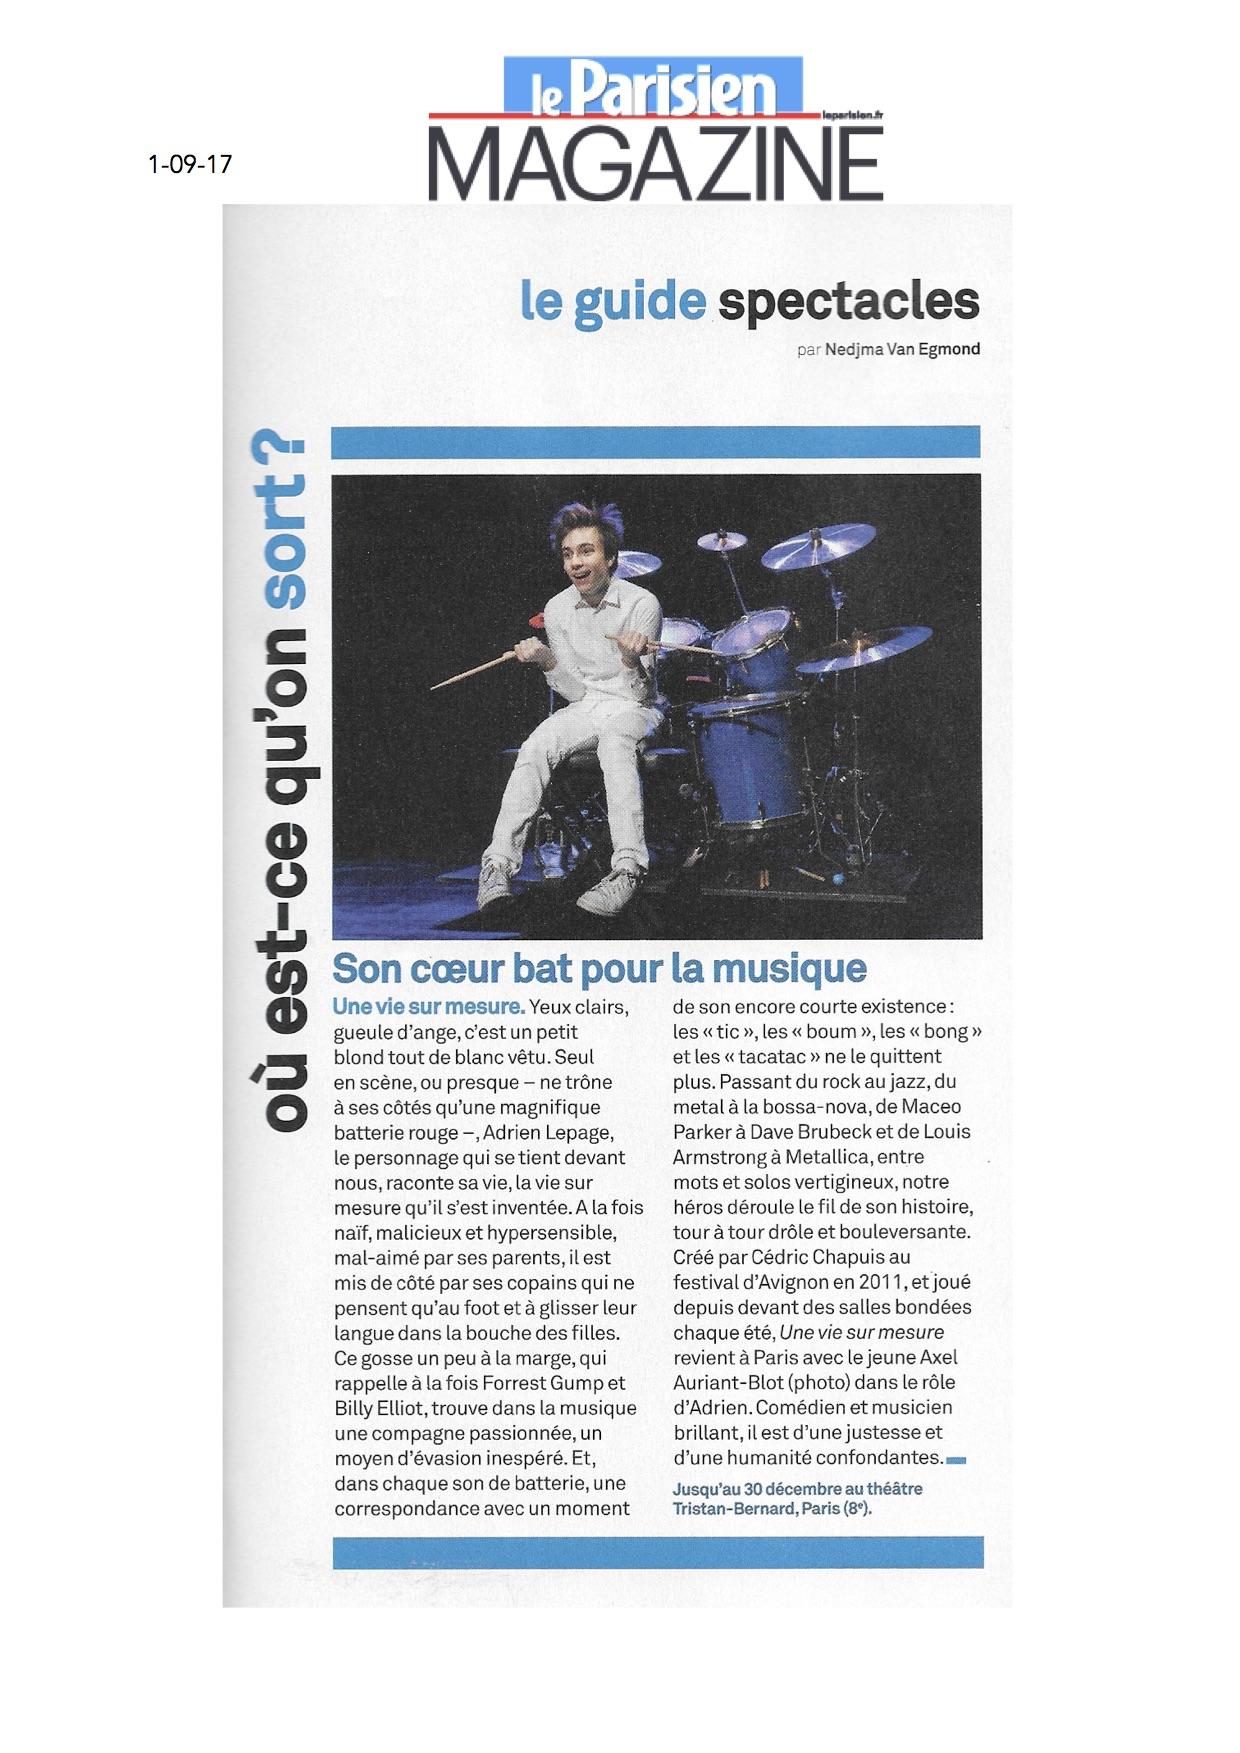 Parisien Magazine 01.09.17